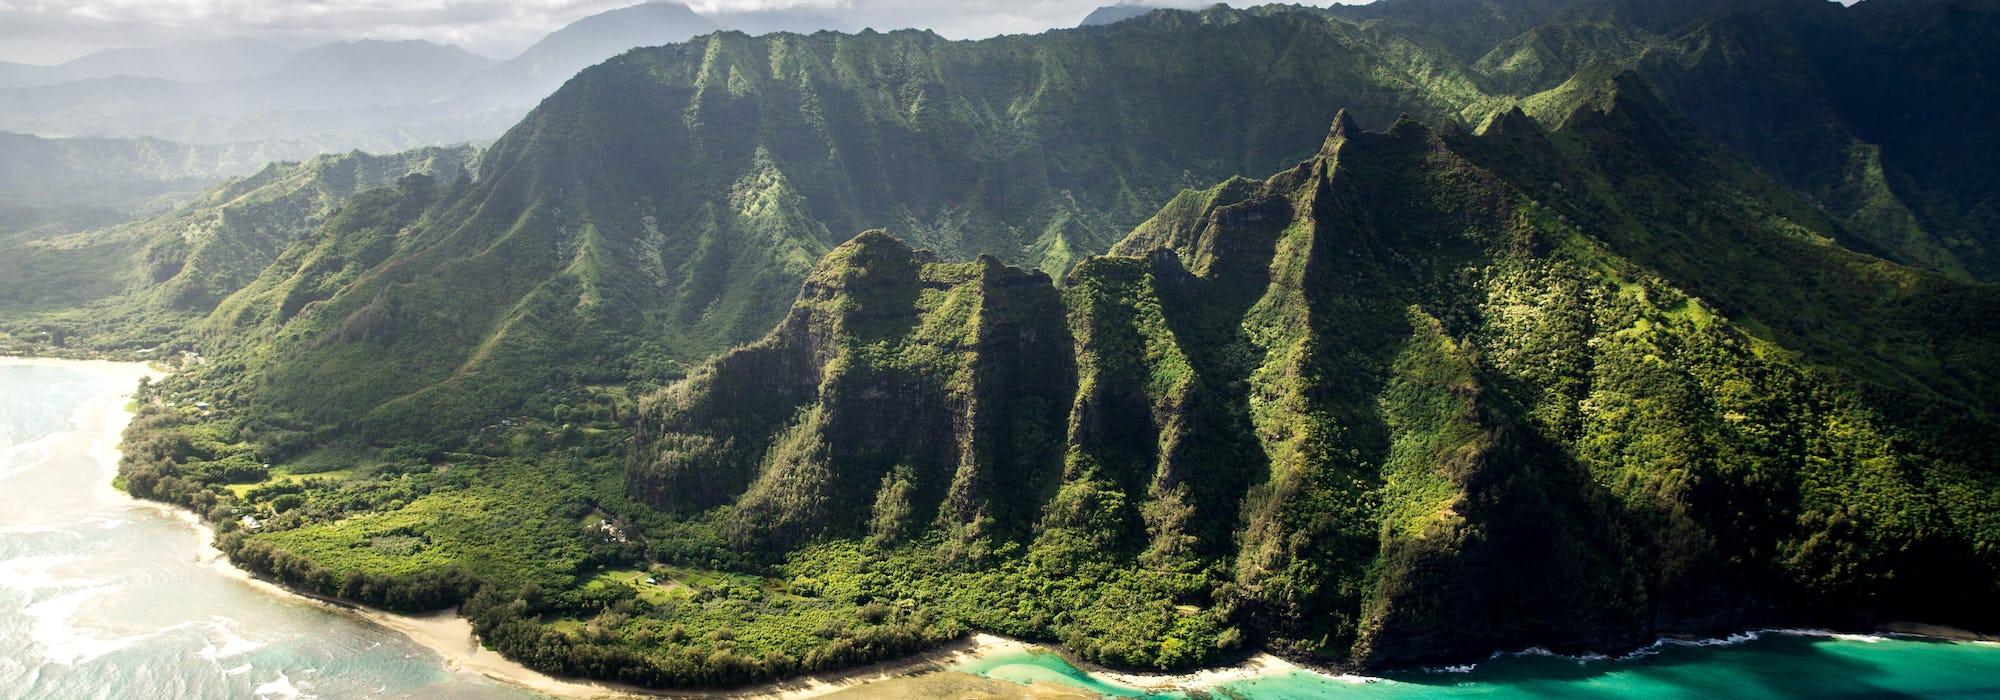 Kauai, Hawaiji